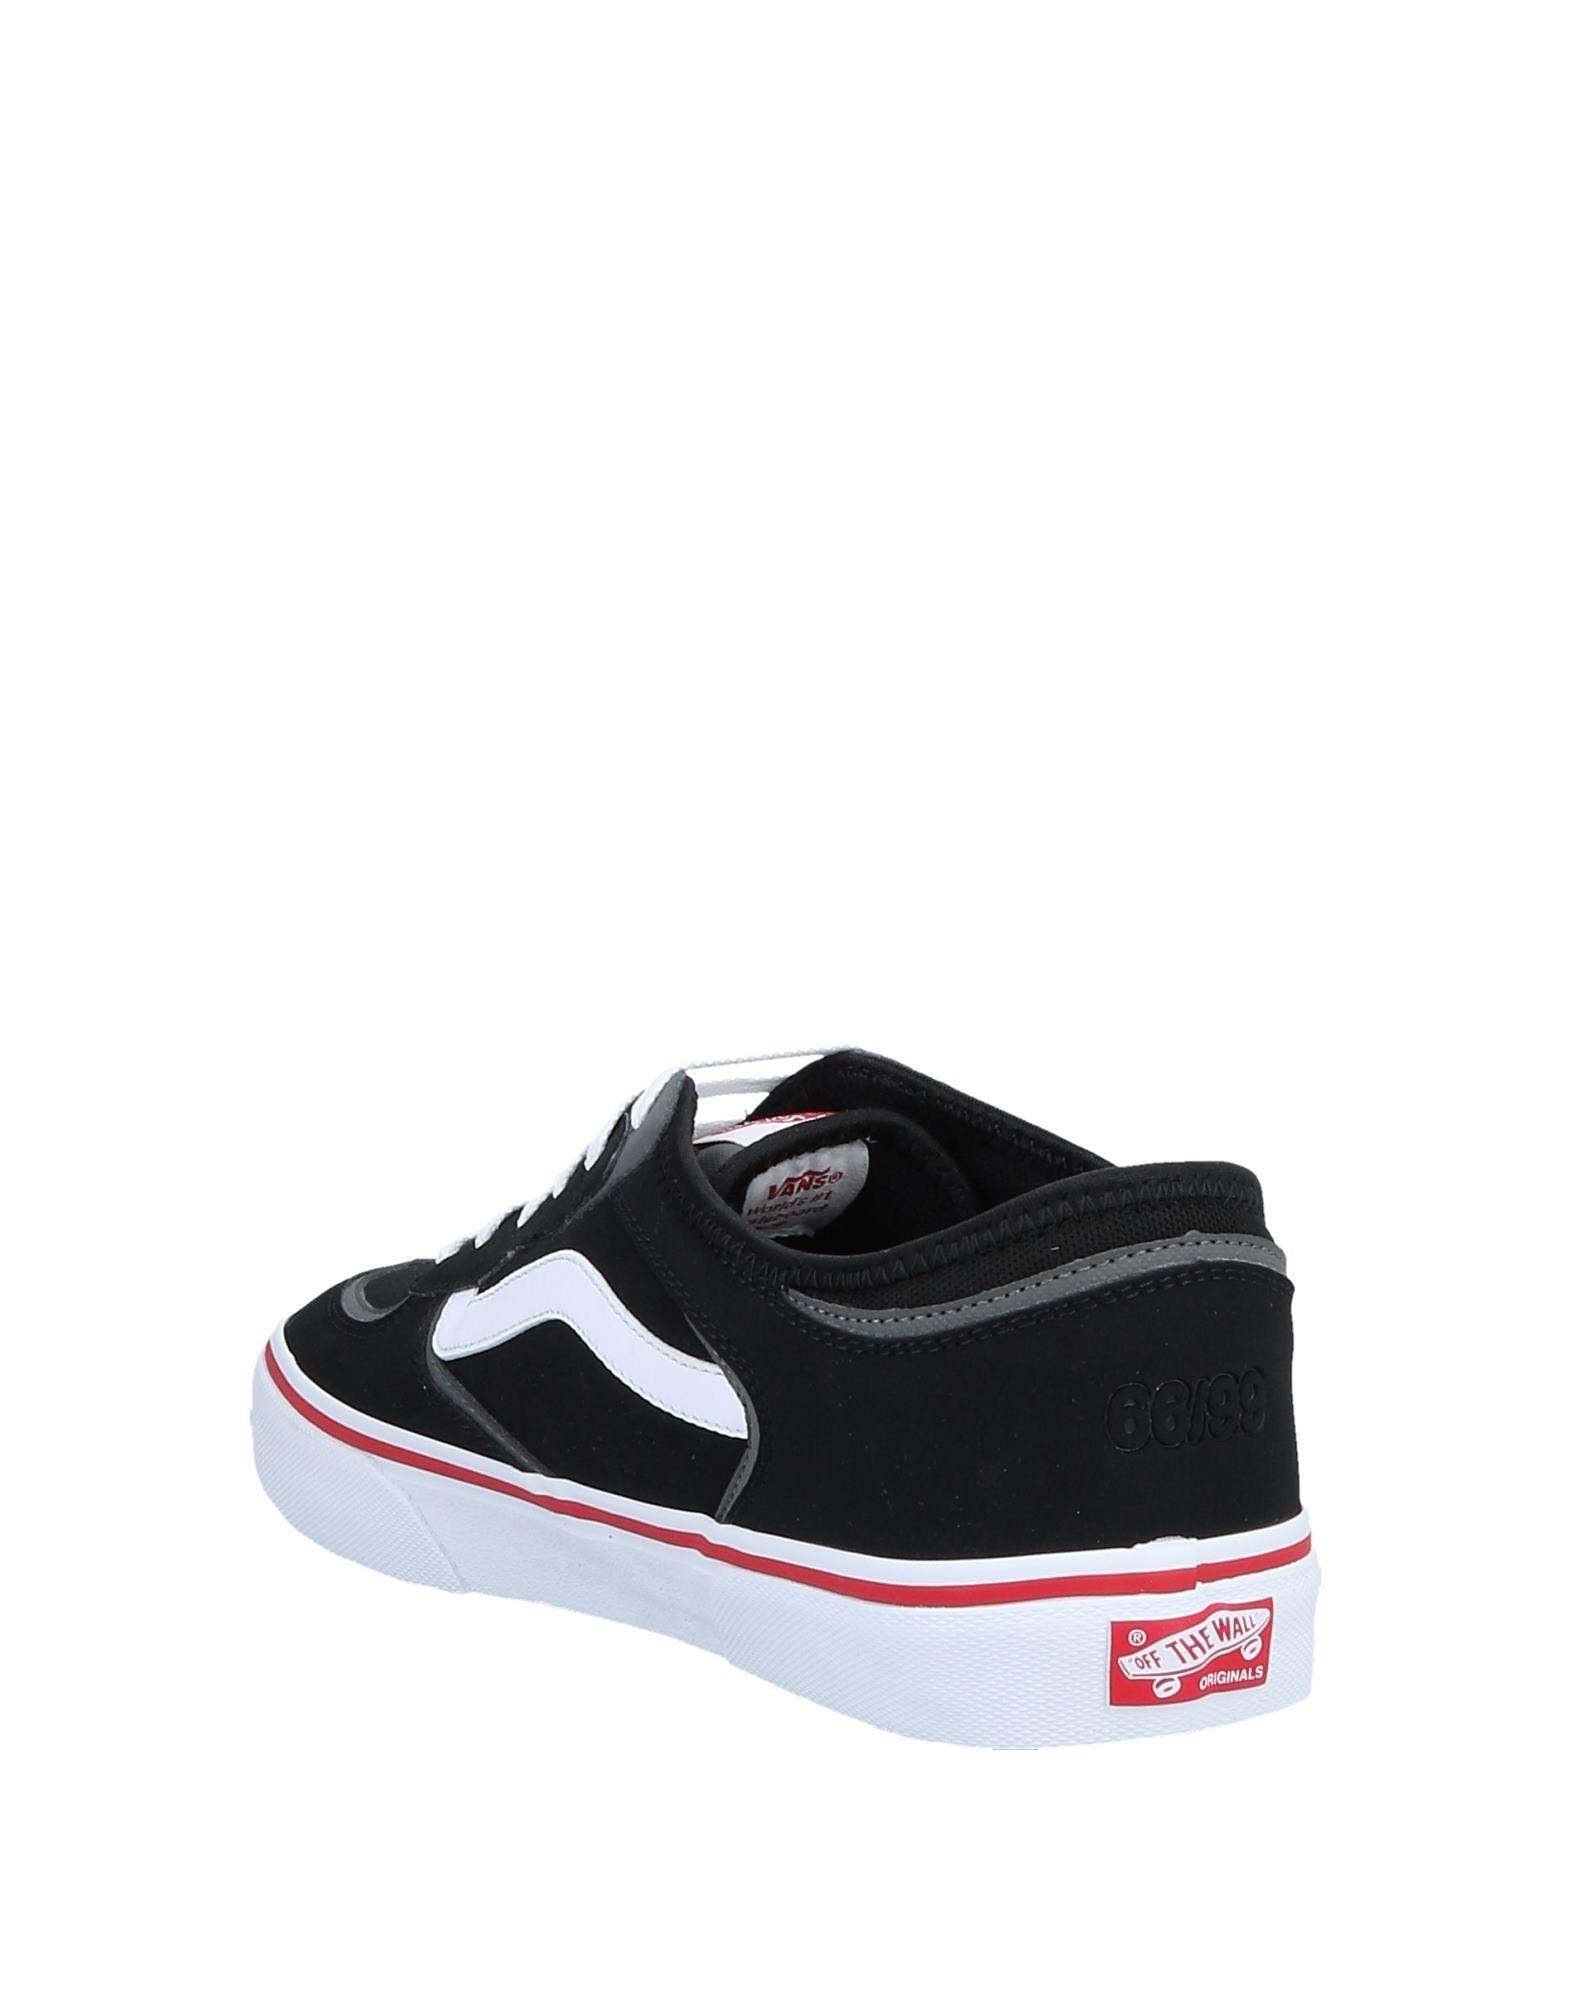 Rabatt echte Sneakers Schuhe Vans Sneakers echte Herren  11573618AR 4c5dcf